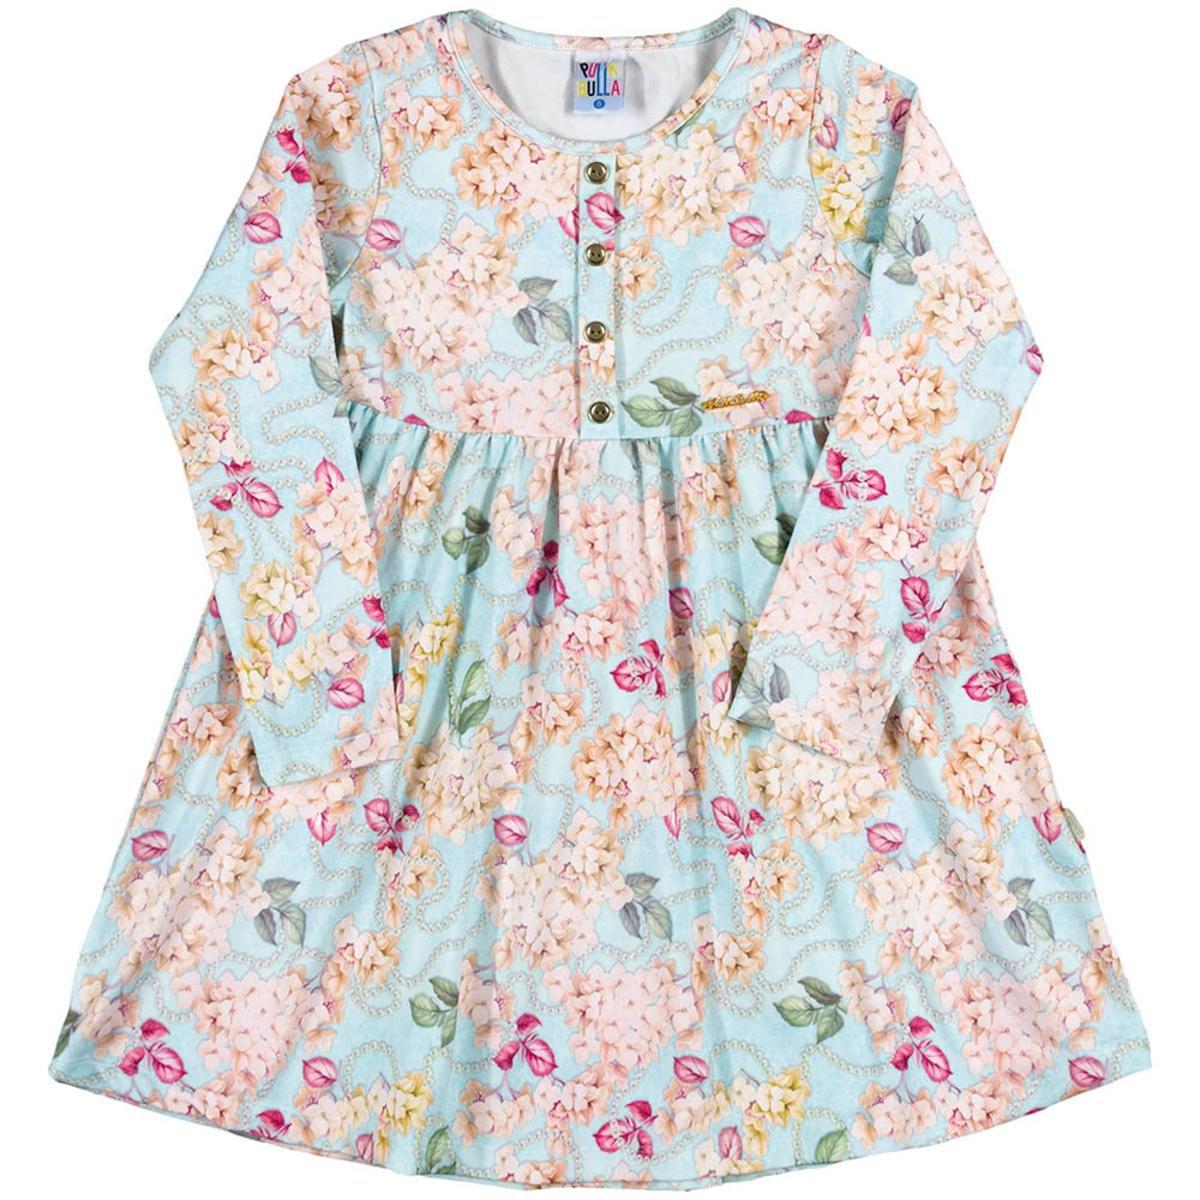 Vestido Infantil MeninaSuplex - Compre Agora  02f31971387